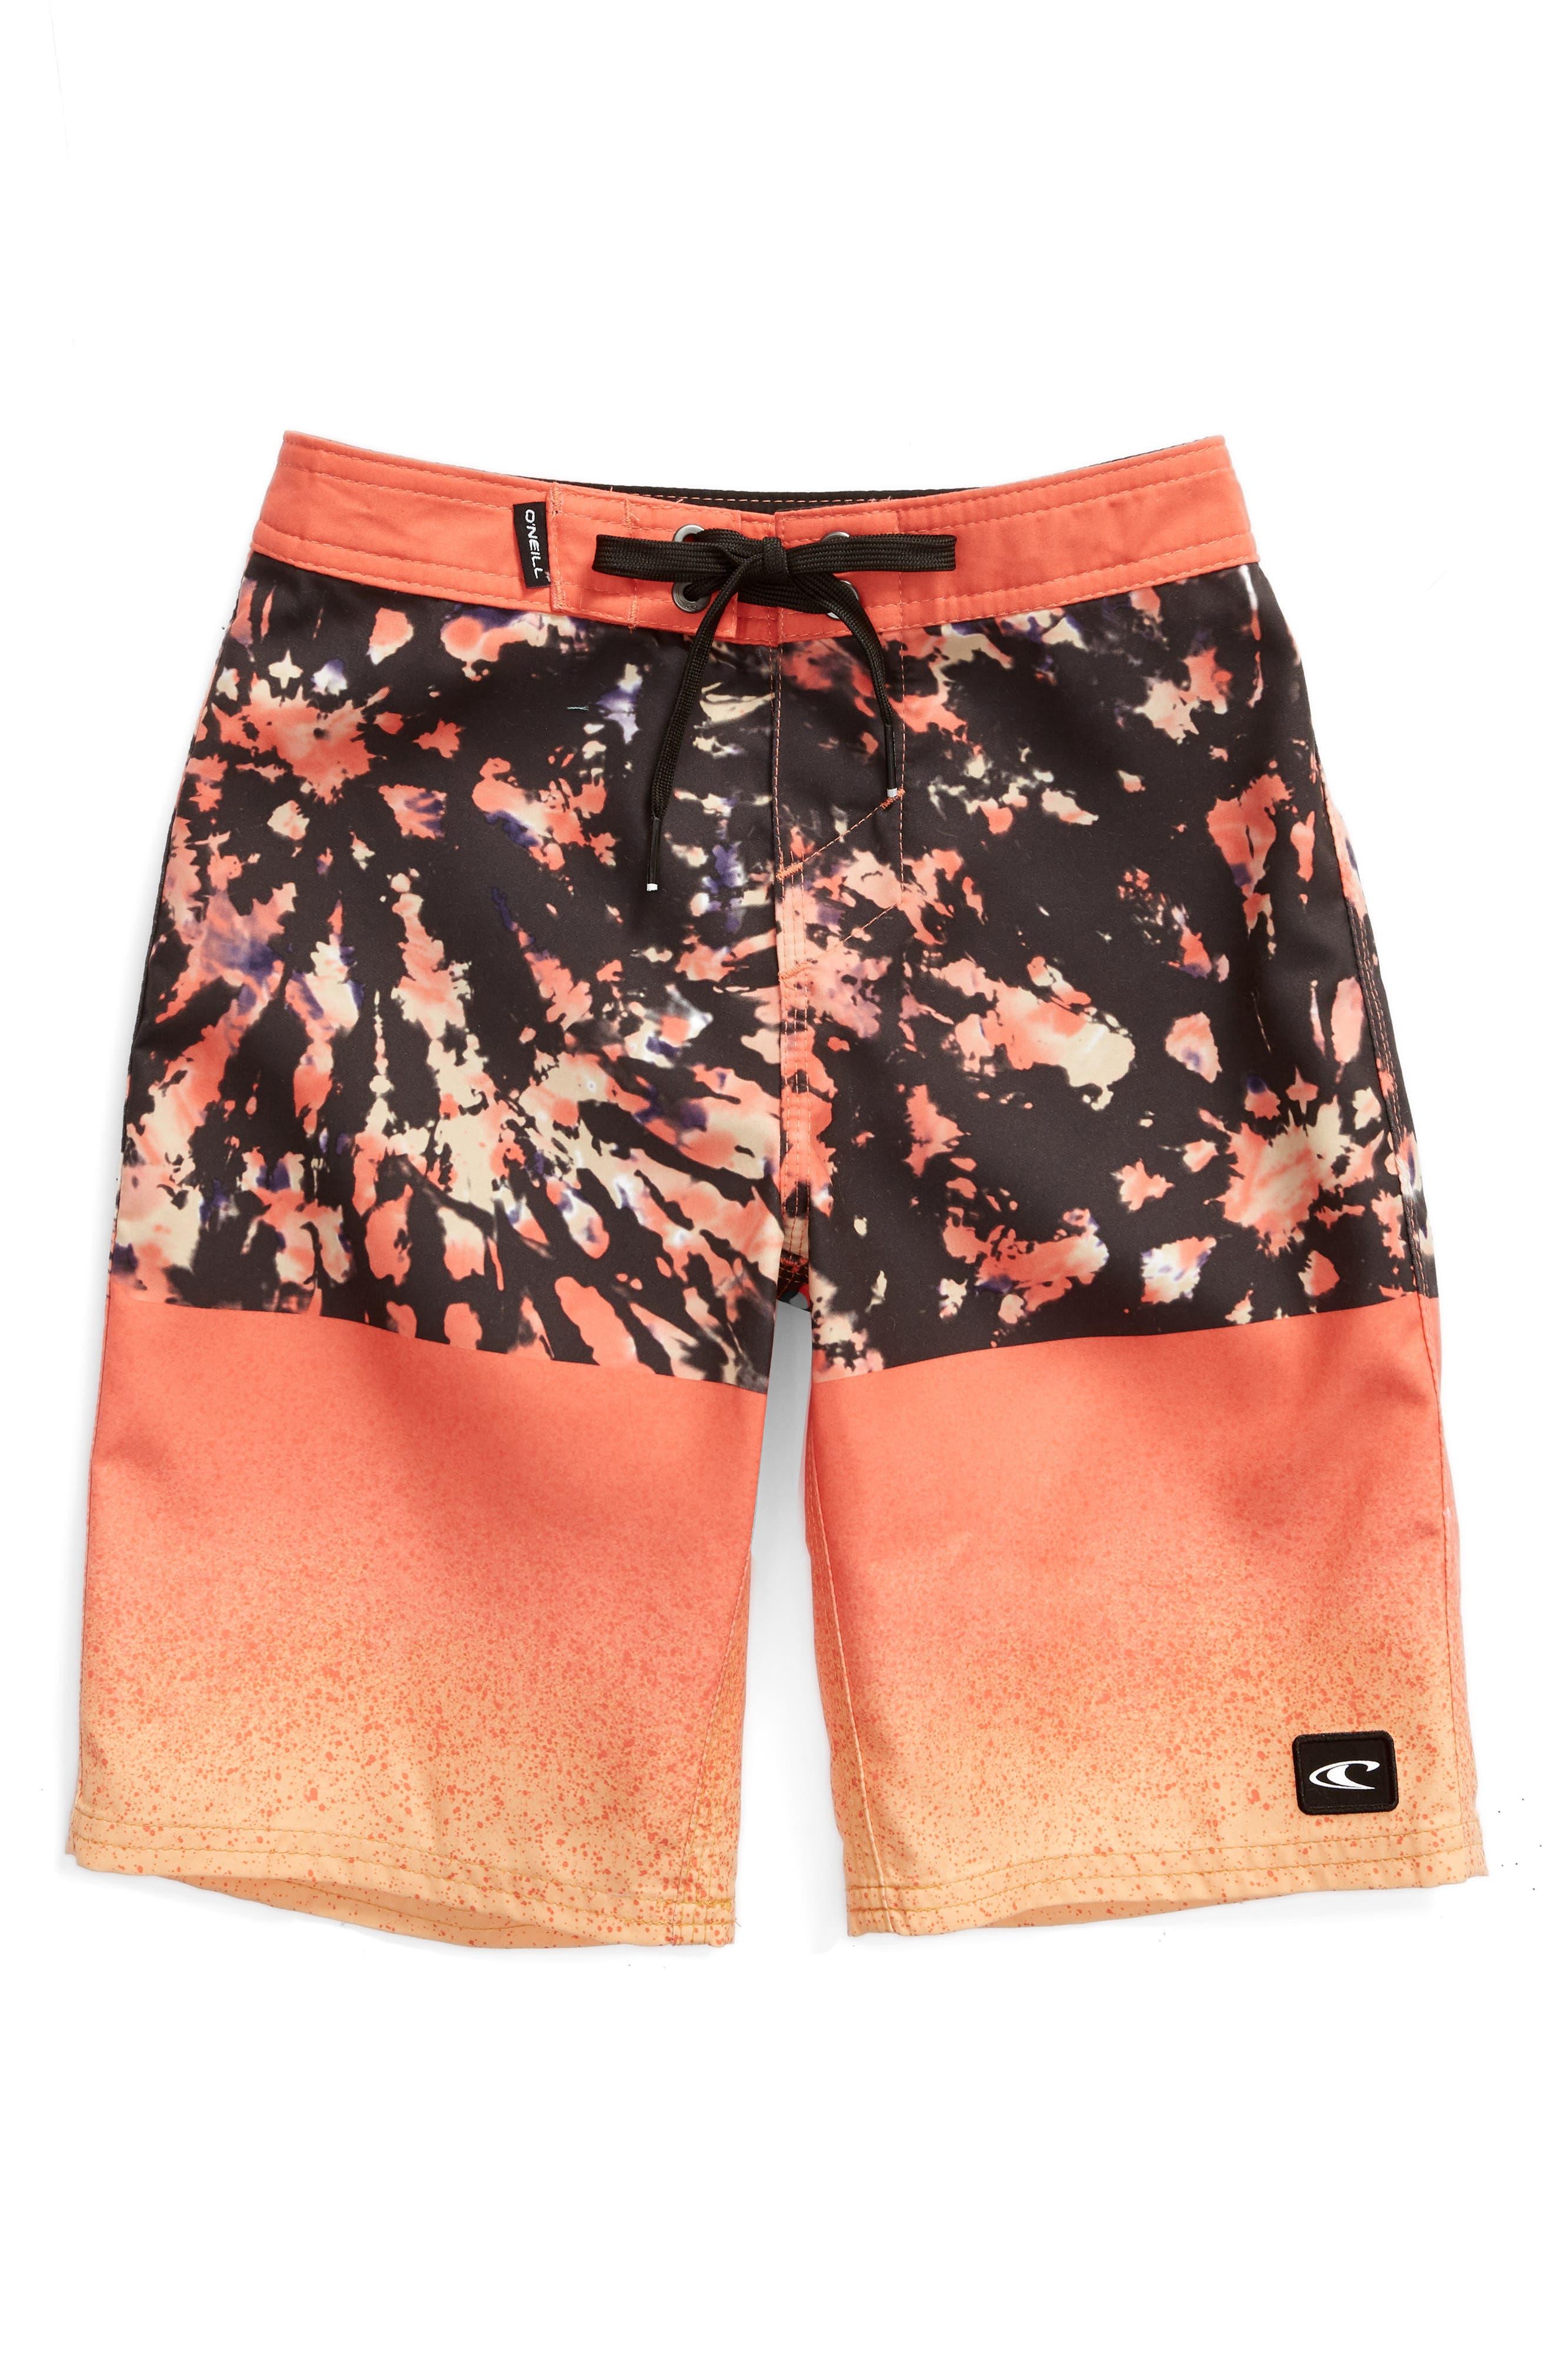 O'NEILL Radiocool Board Shorts, Main, color, CORAL